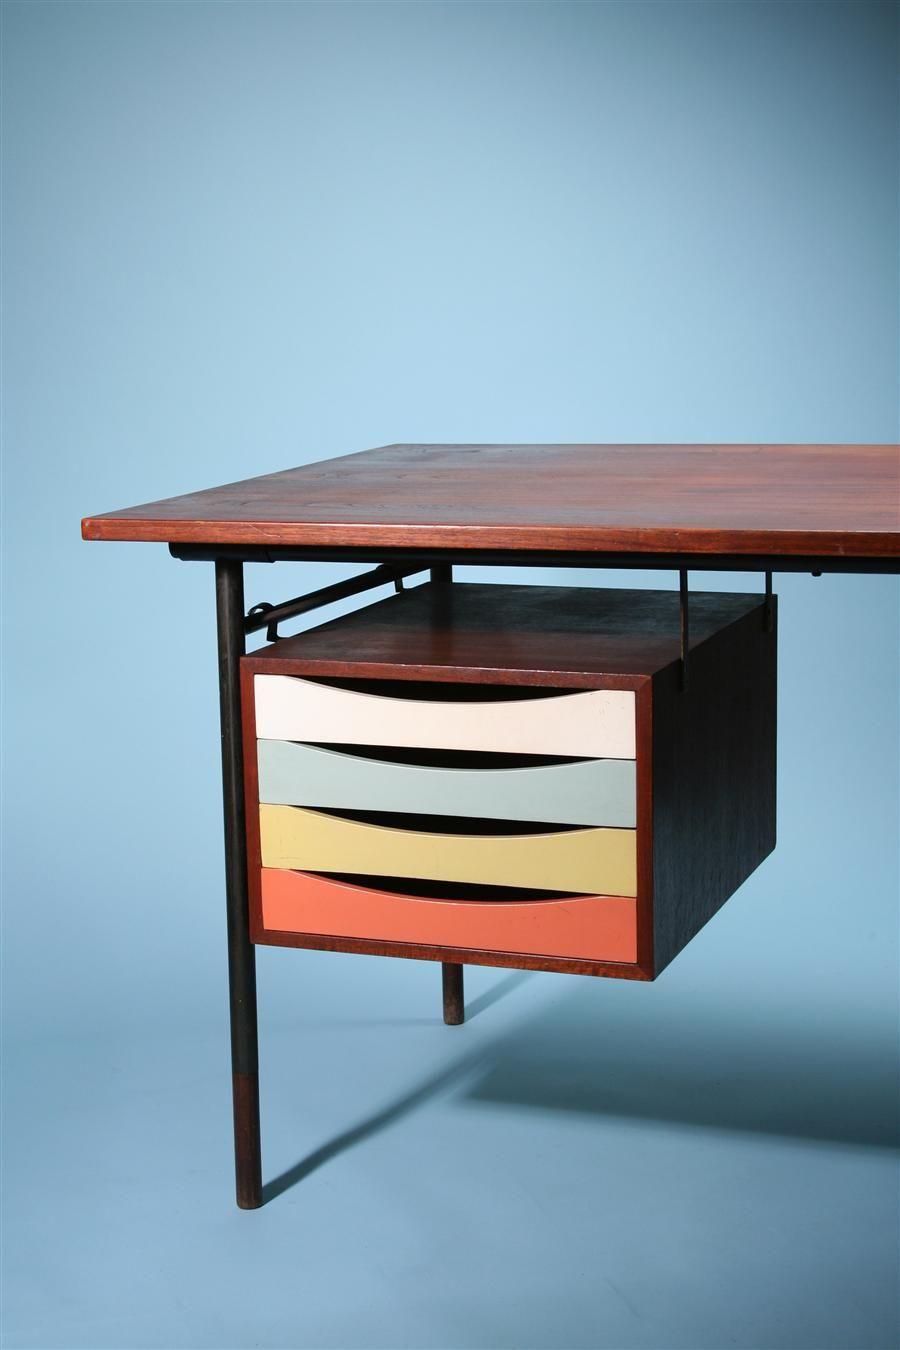 mid century danish furniture designer finn juhl design objects m bel m bel 50 e m beldesign. Black Bedroom Furniture Sets. Home Design Ideas